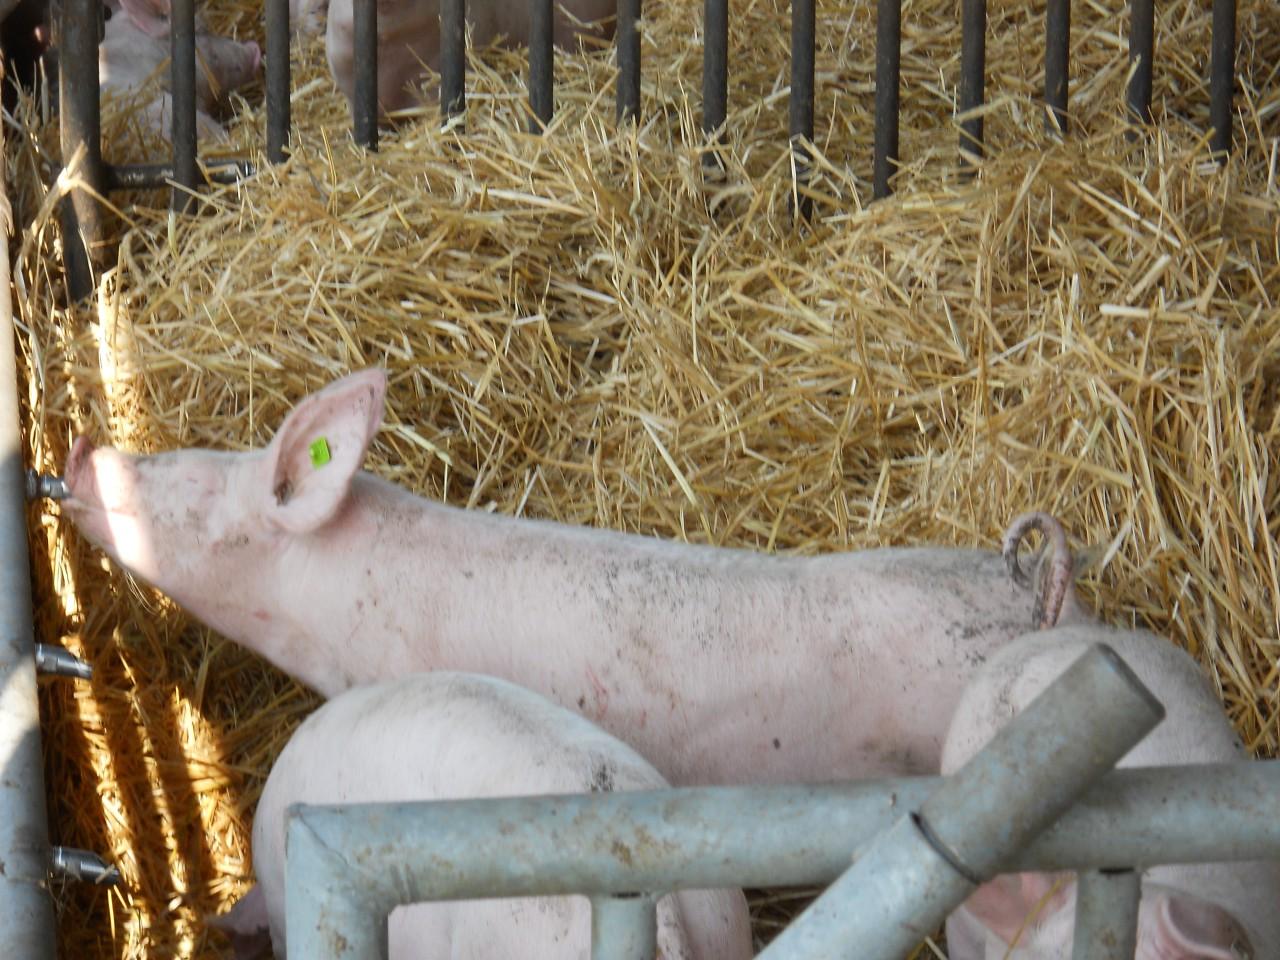 schweine grob zerlegt